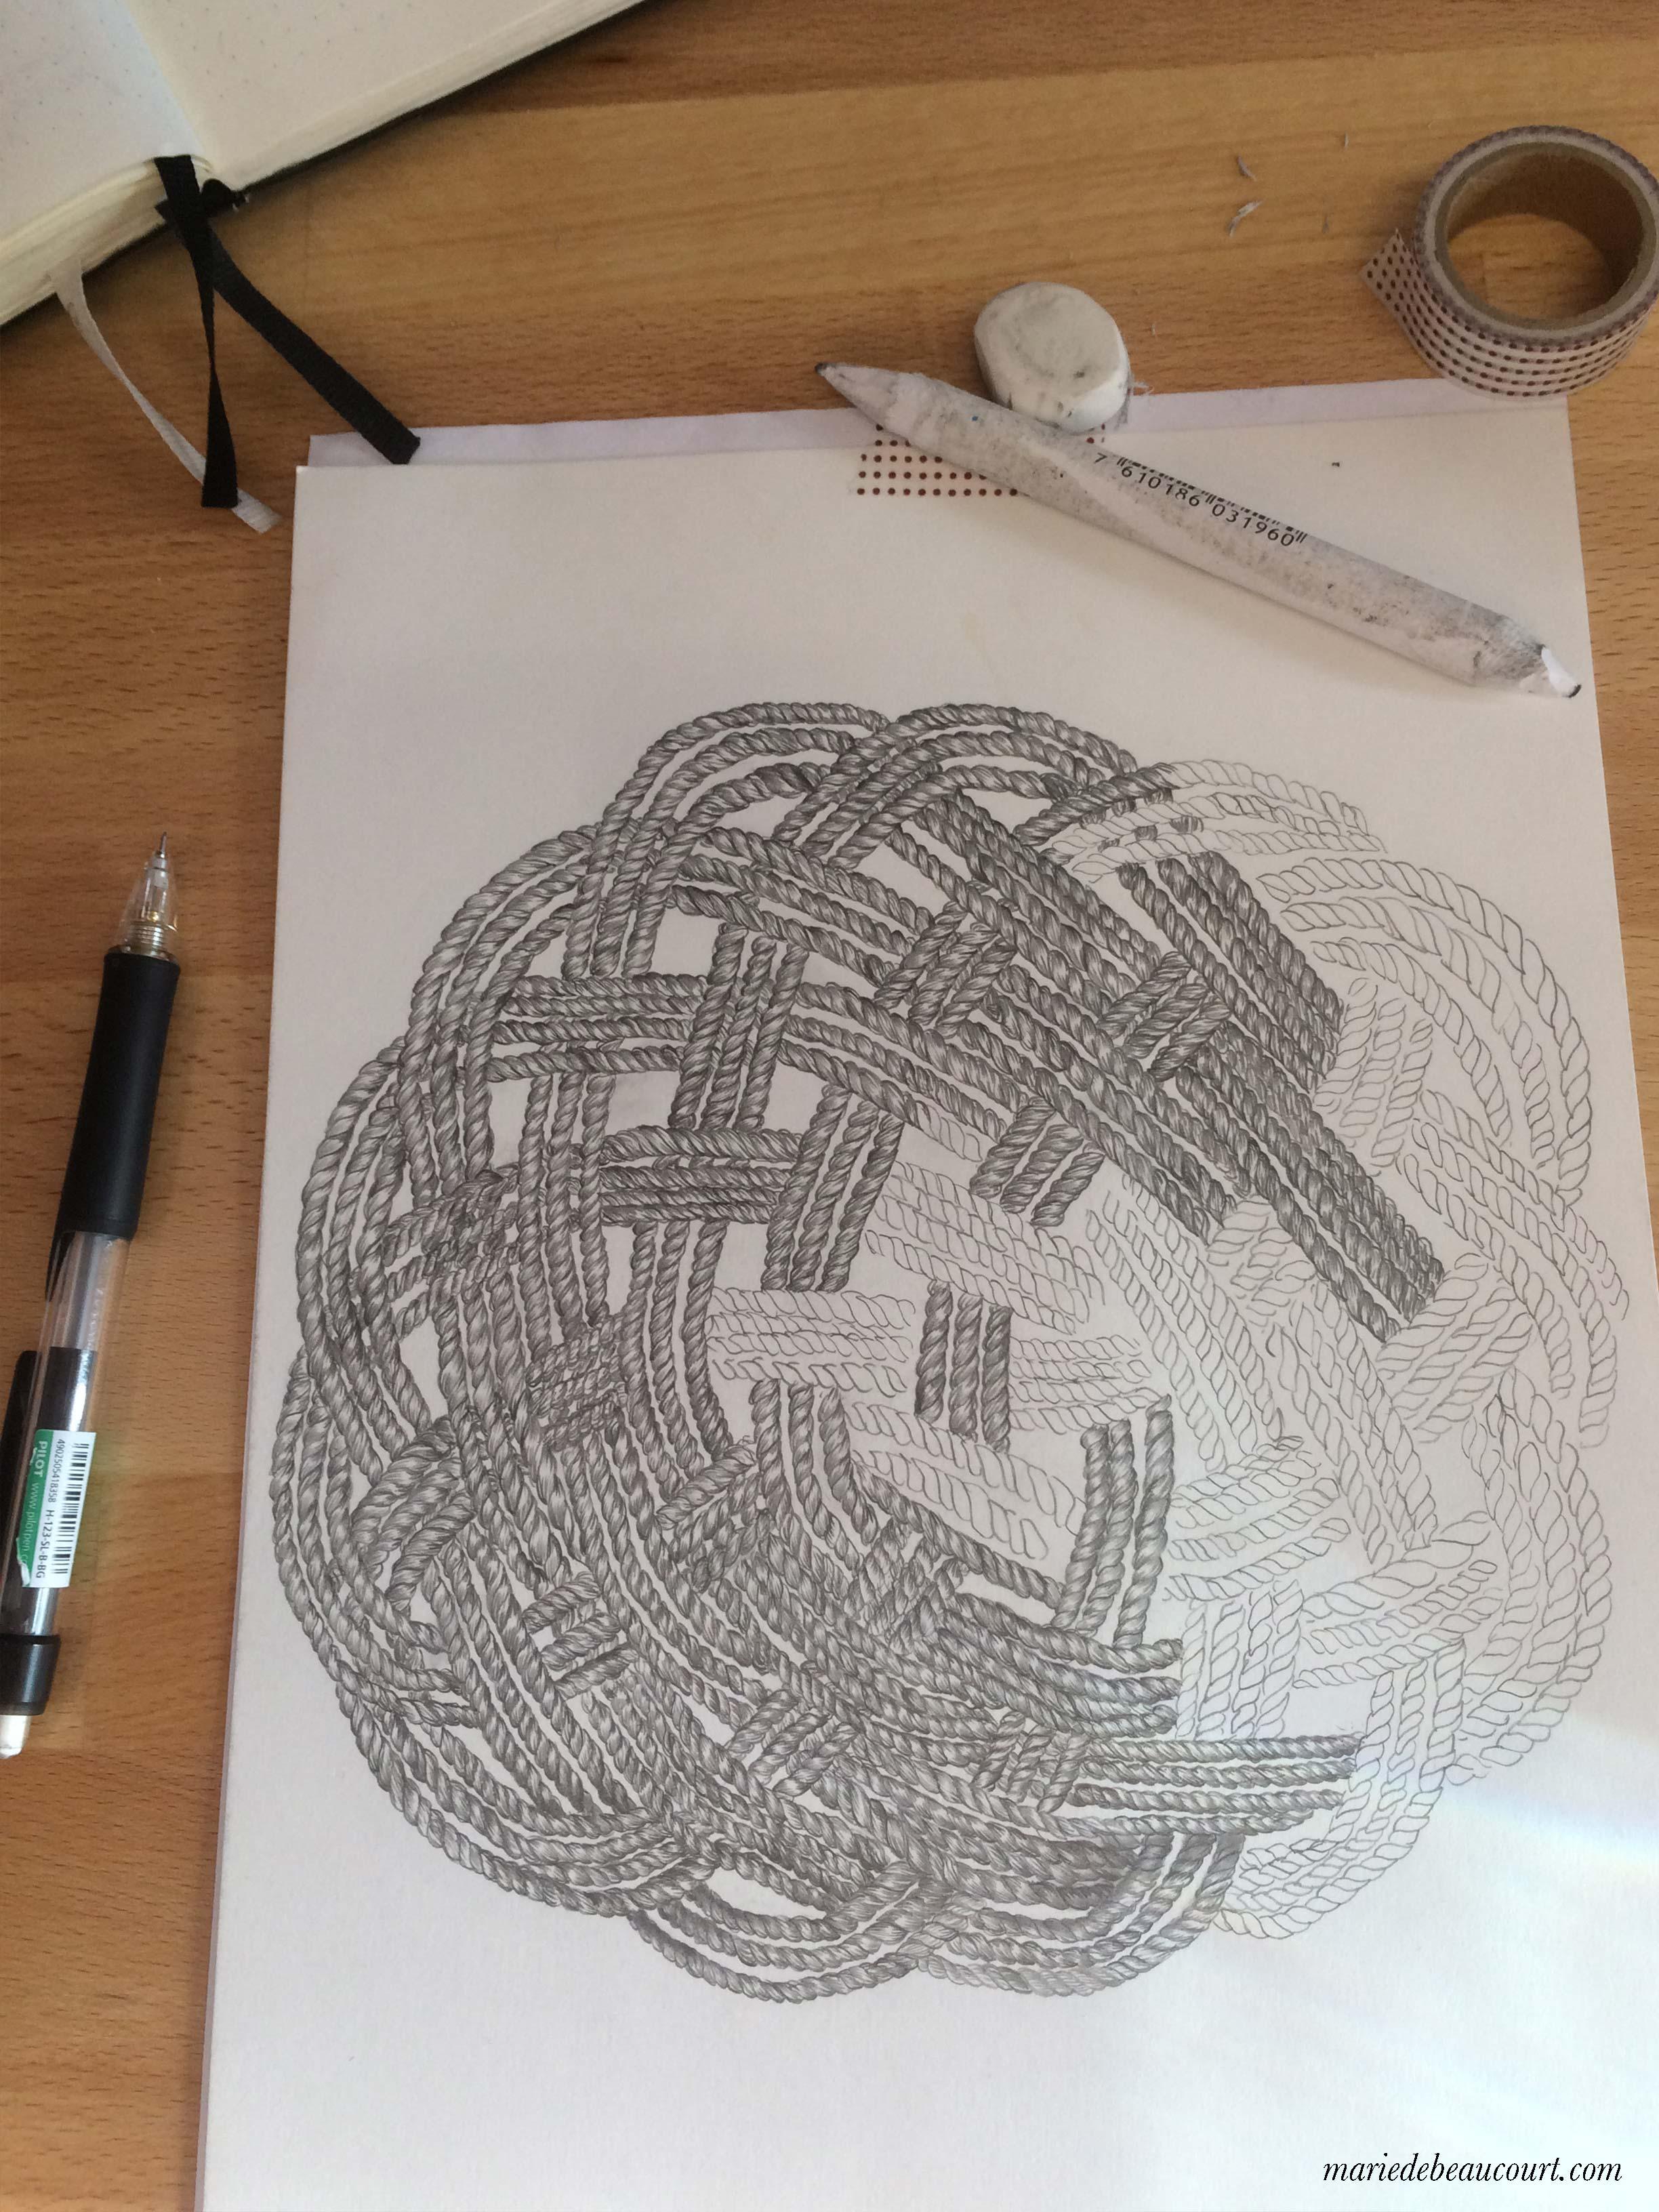 Marie-de-Beaucourt-Rope-artists-intl-wip4.jpg